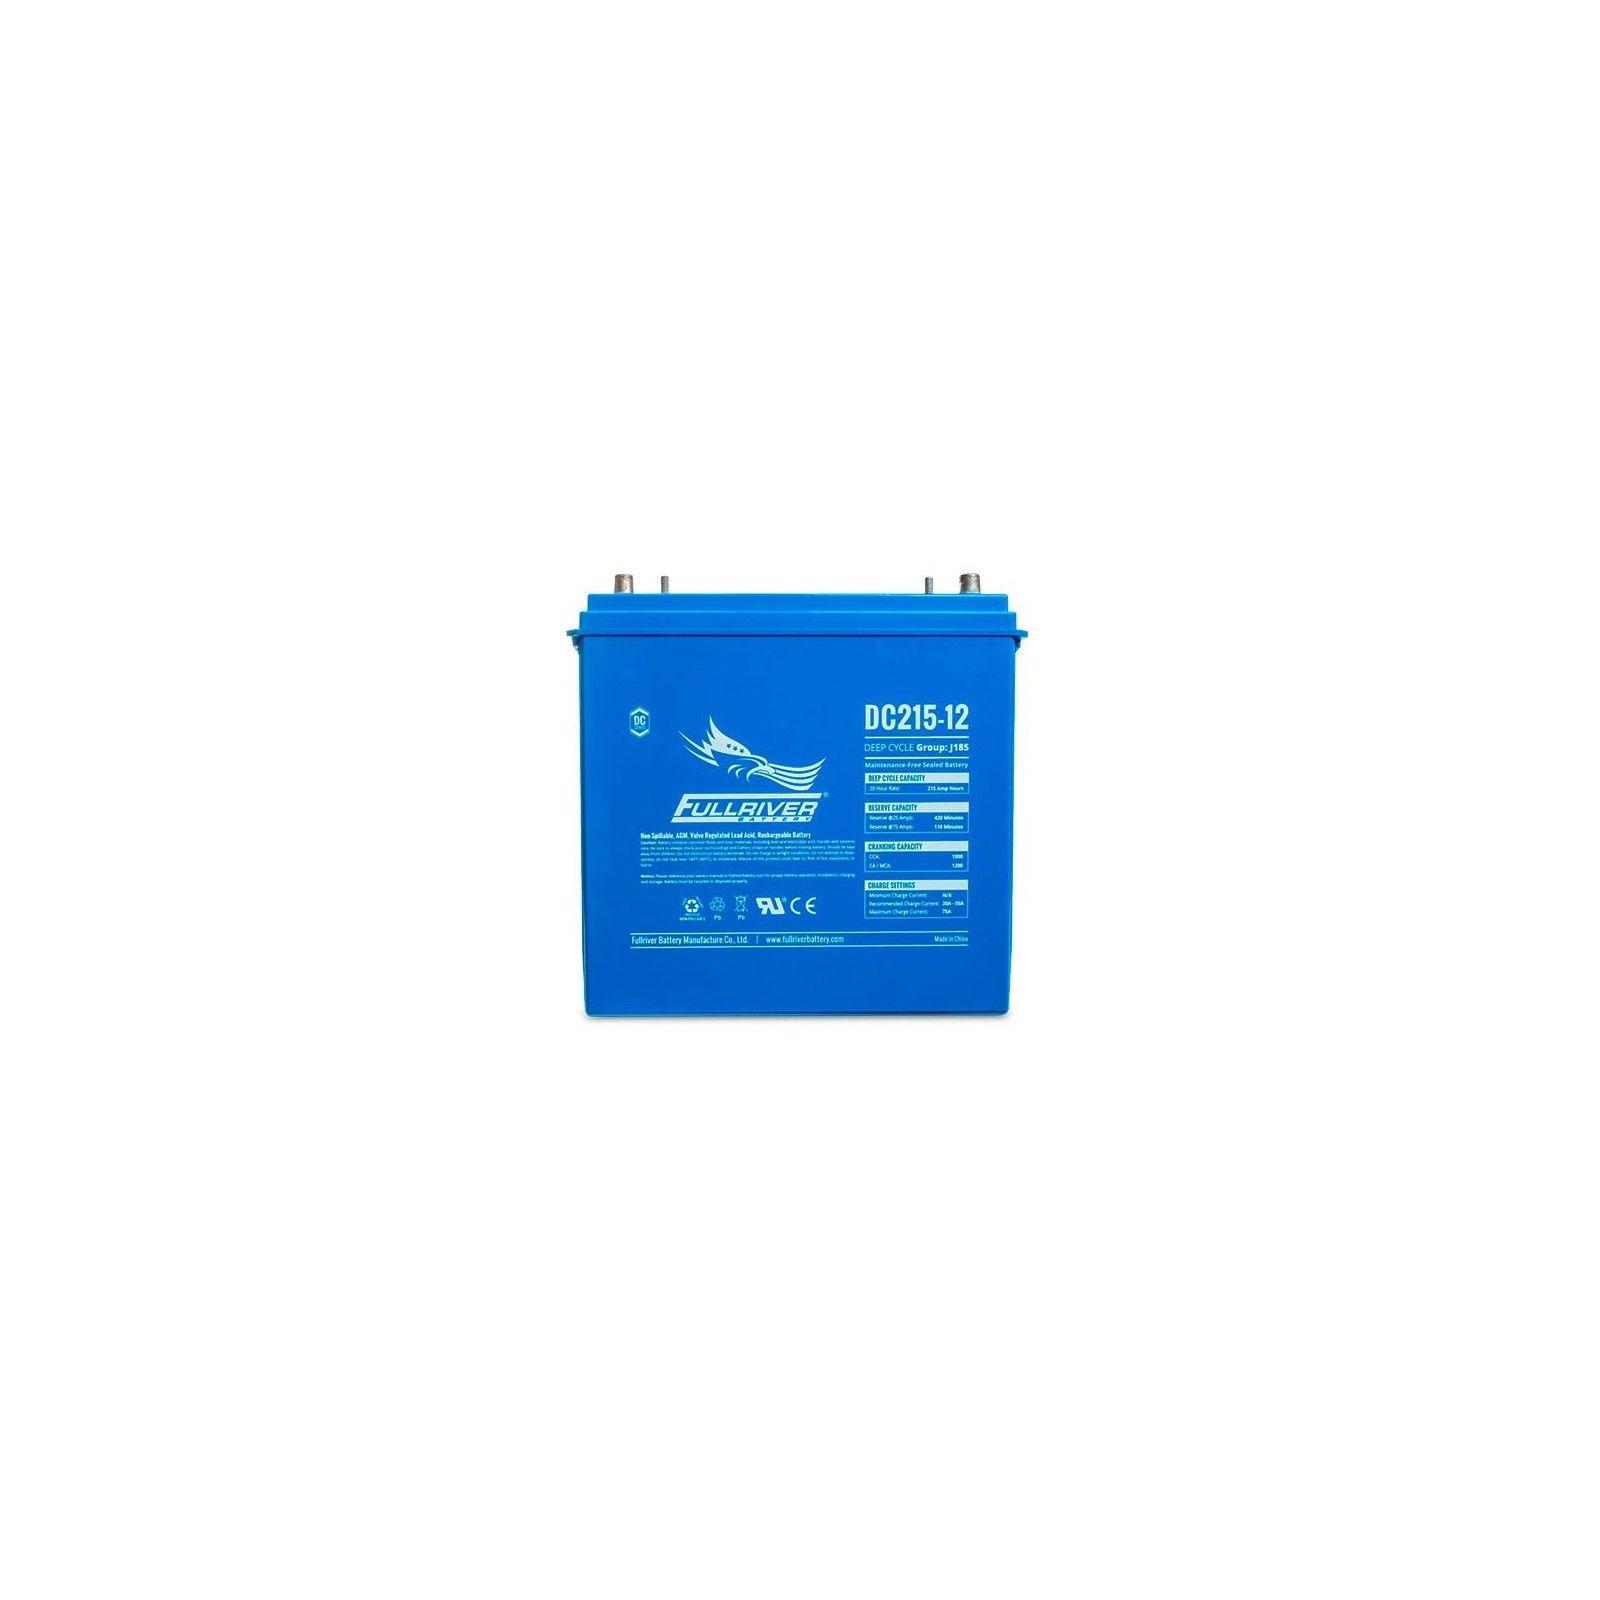 Batería Fullriver DC215-12 215Ah 1000A 12V Dc FULLRIVER - 1